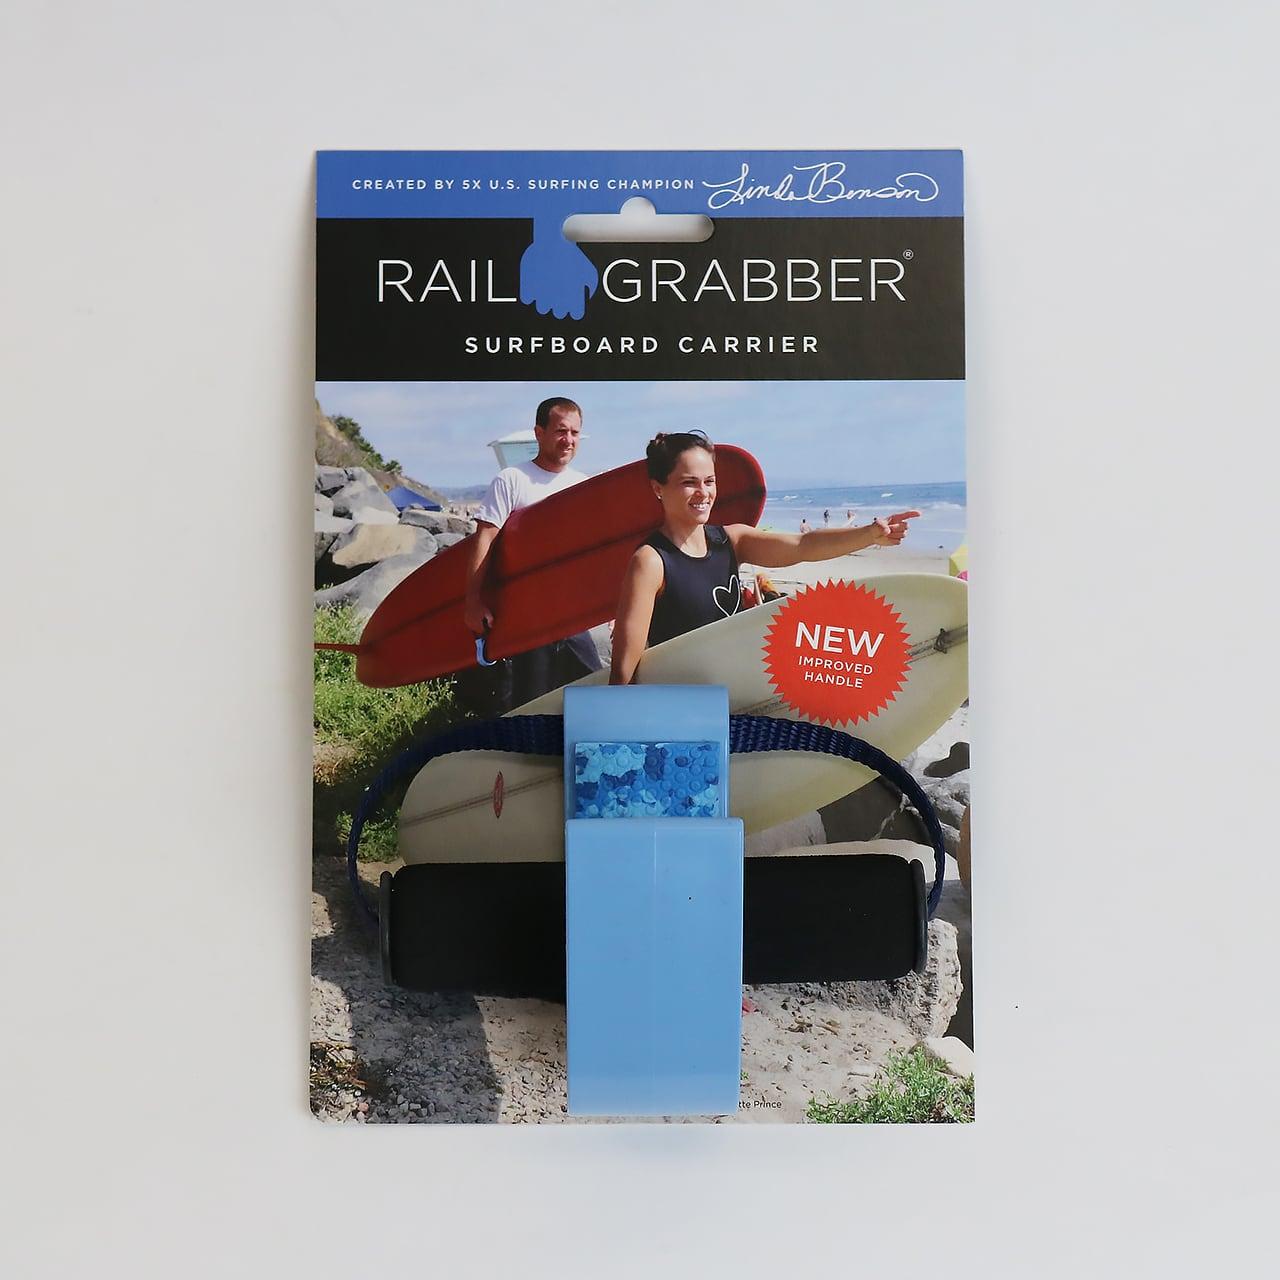 RAIL GRABBER